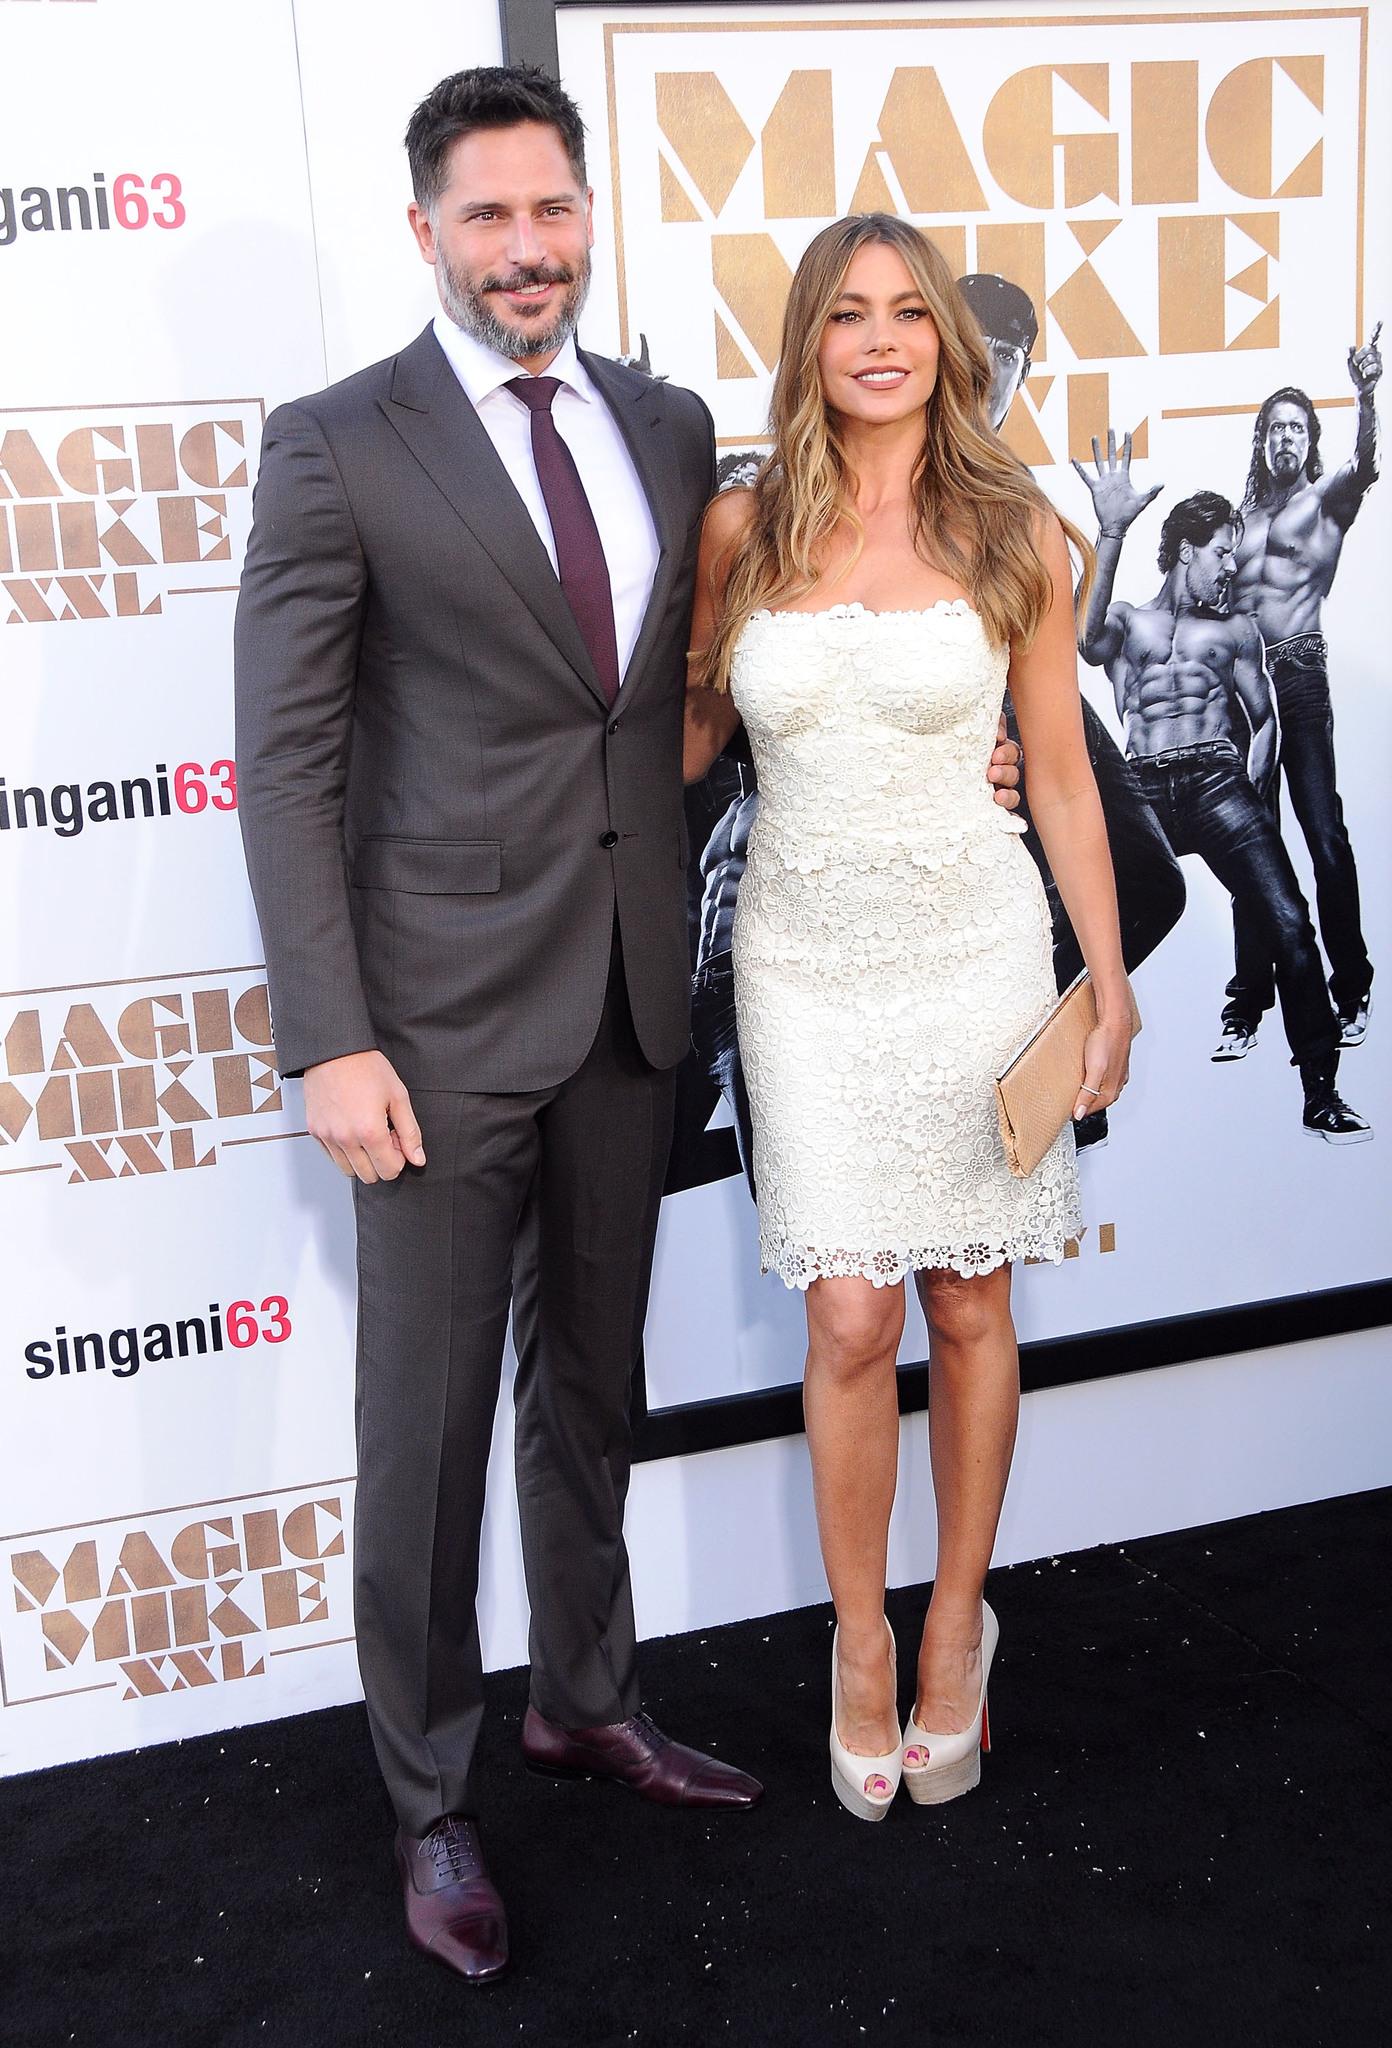 Sofía Vergara and Joe Manganiello at event of Magiskasis Maikas XXL (2015)